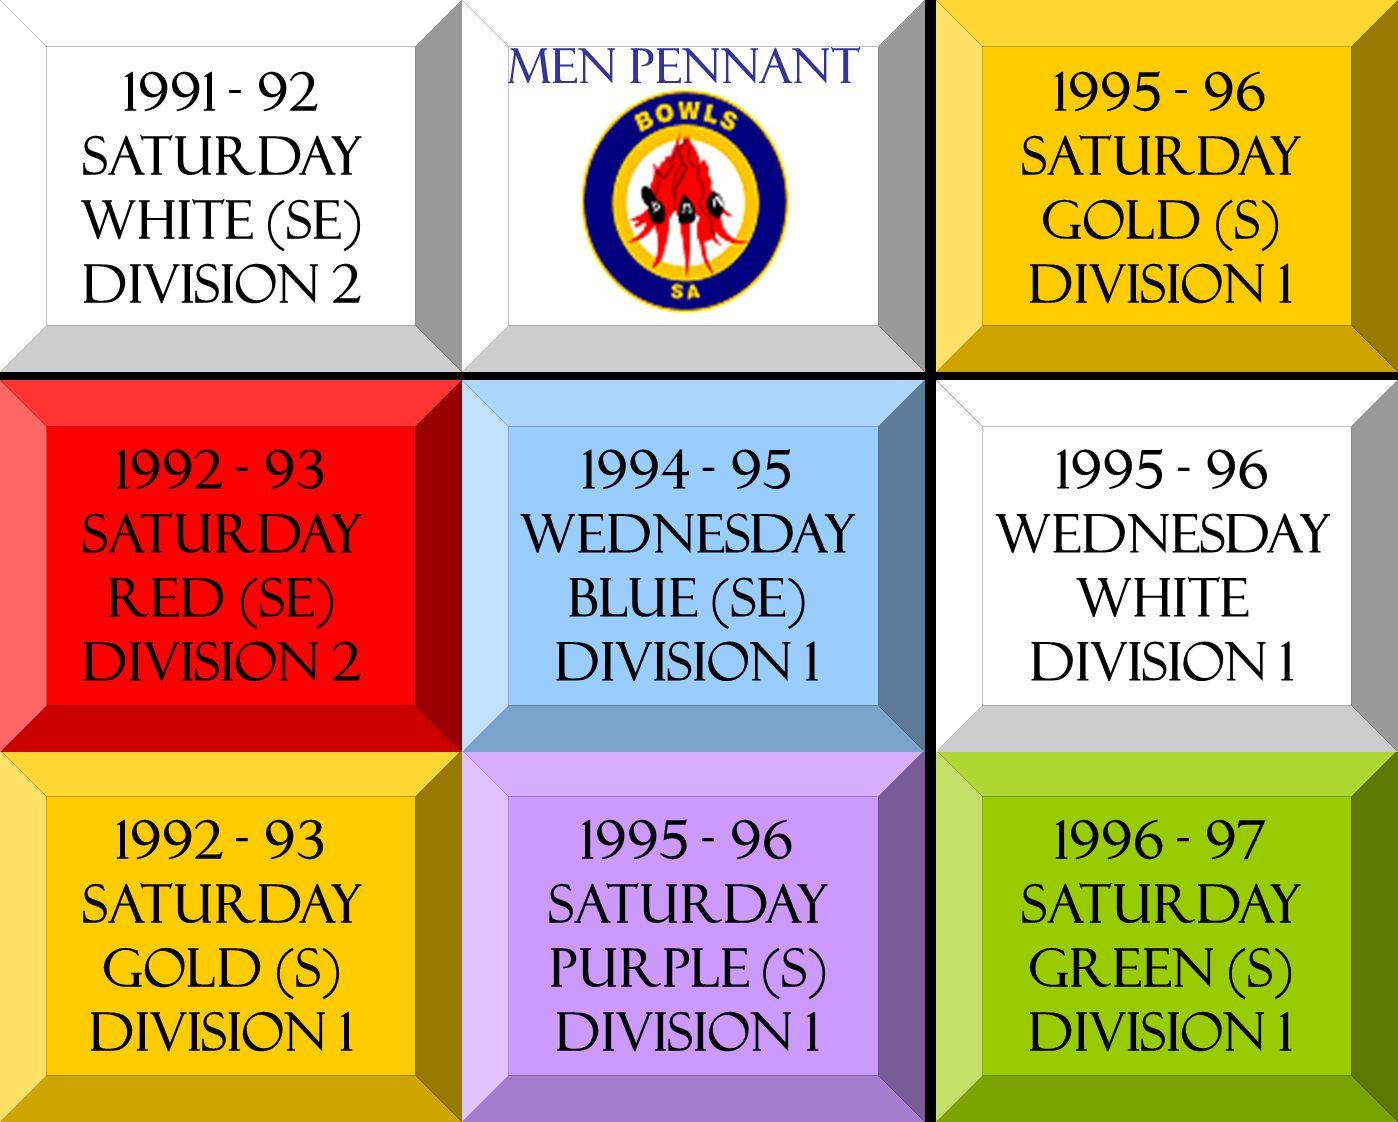 1991 - 92 SATURDAY white (se) DIVISION 2 1992 - 93 SATURDAY red (se) DIVISION 2 1992 - 93 SATURDAY gold (s) DIVISION 1 1994 - 95 Wednesday blue (se) D